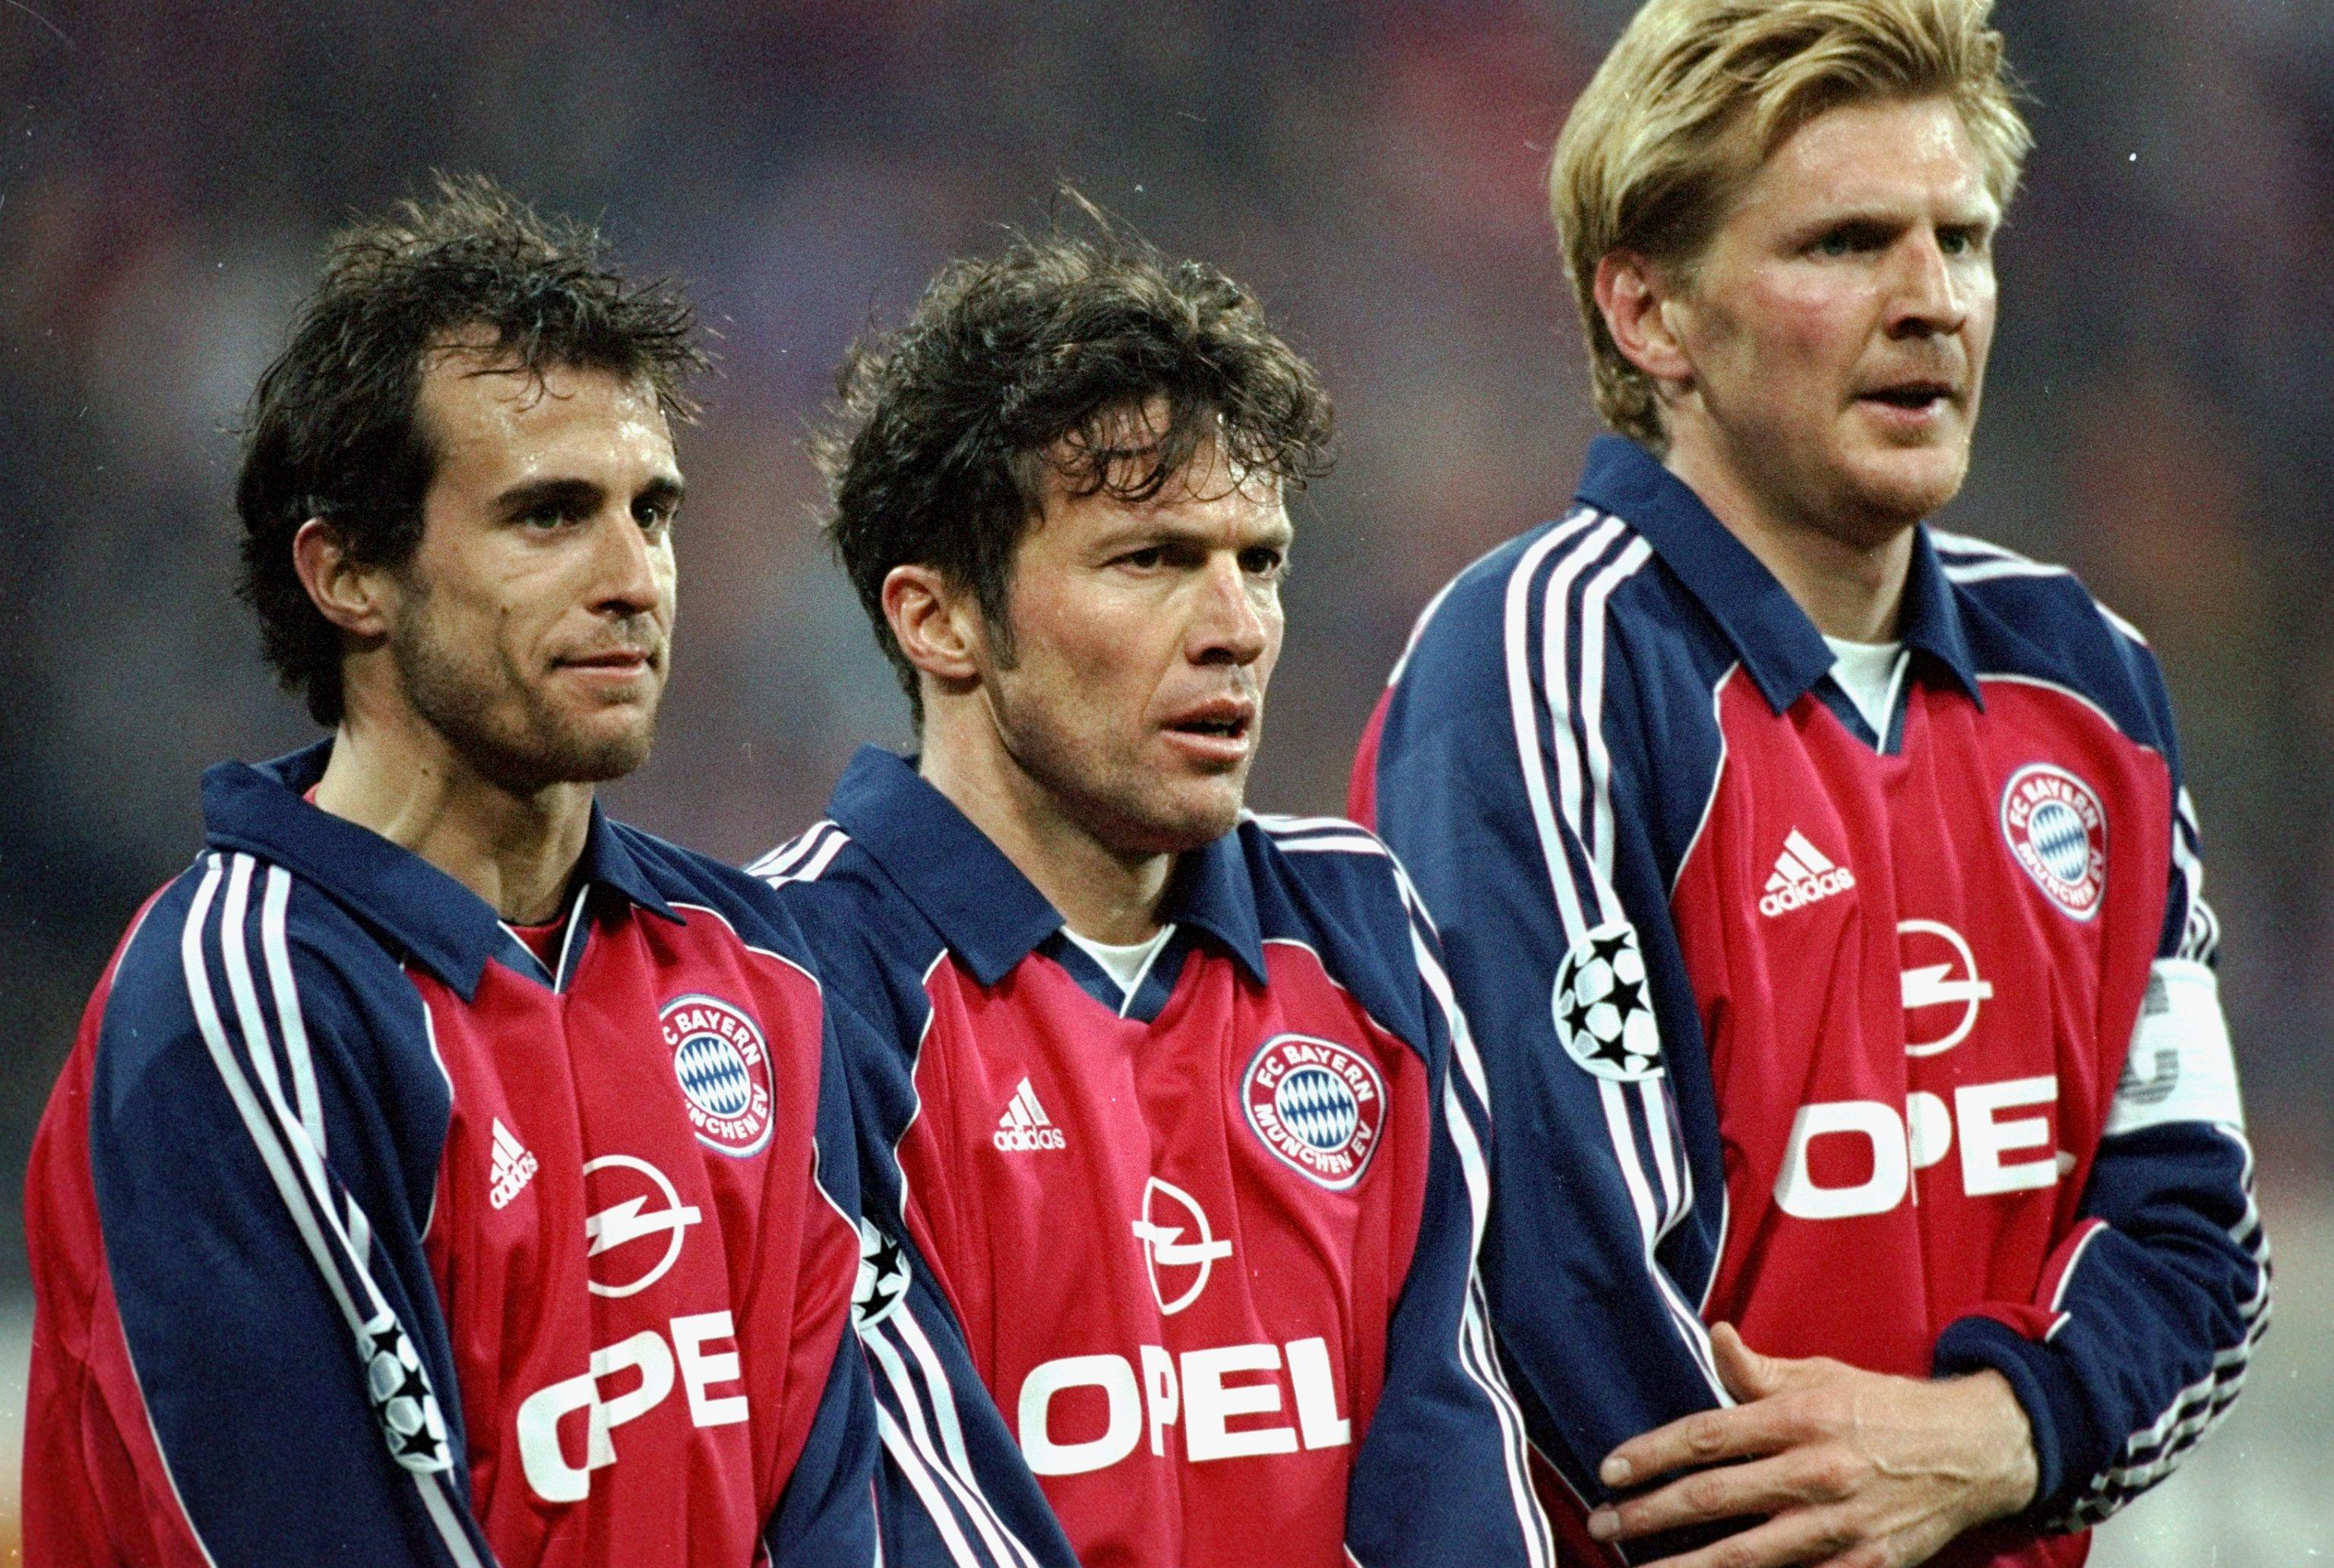 Lothar Matthaus, Mehmet Scholl and Steffan Effenberg